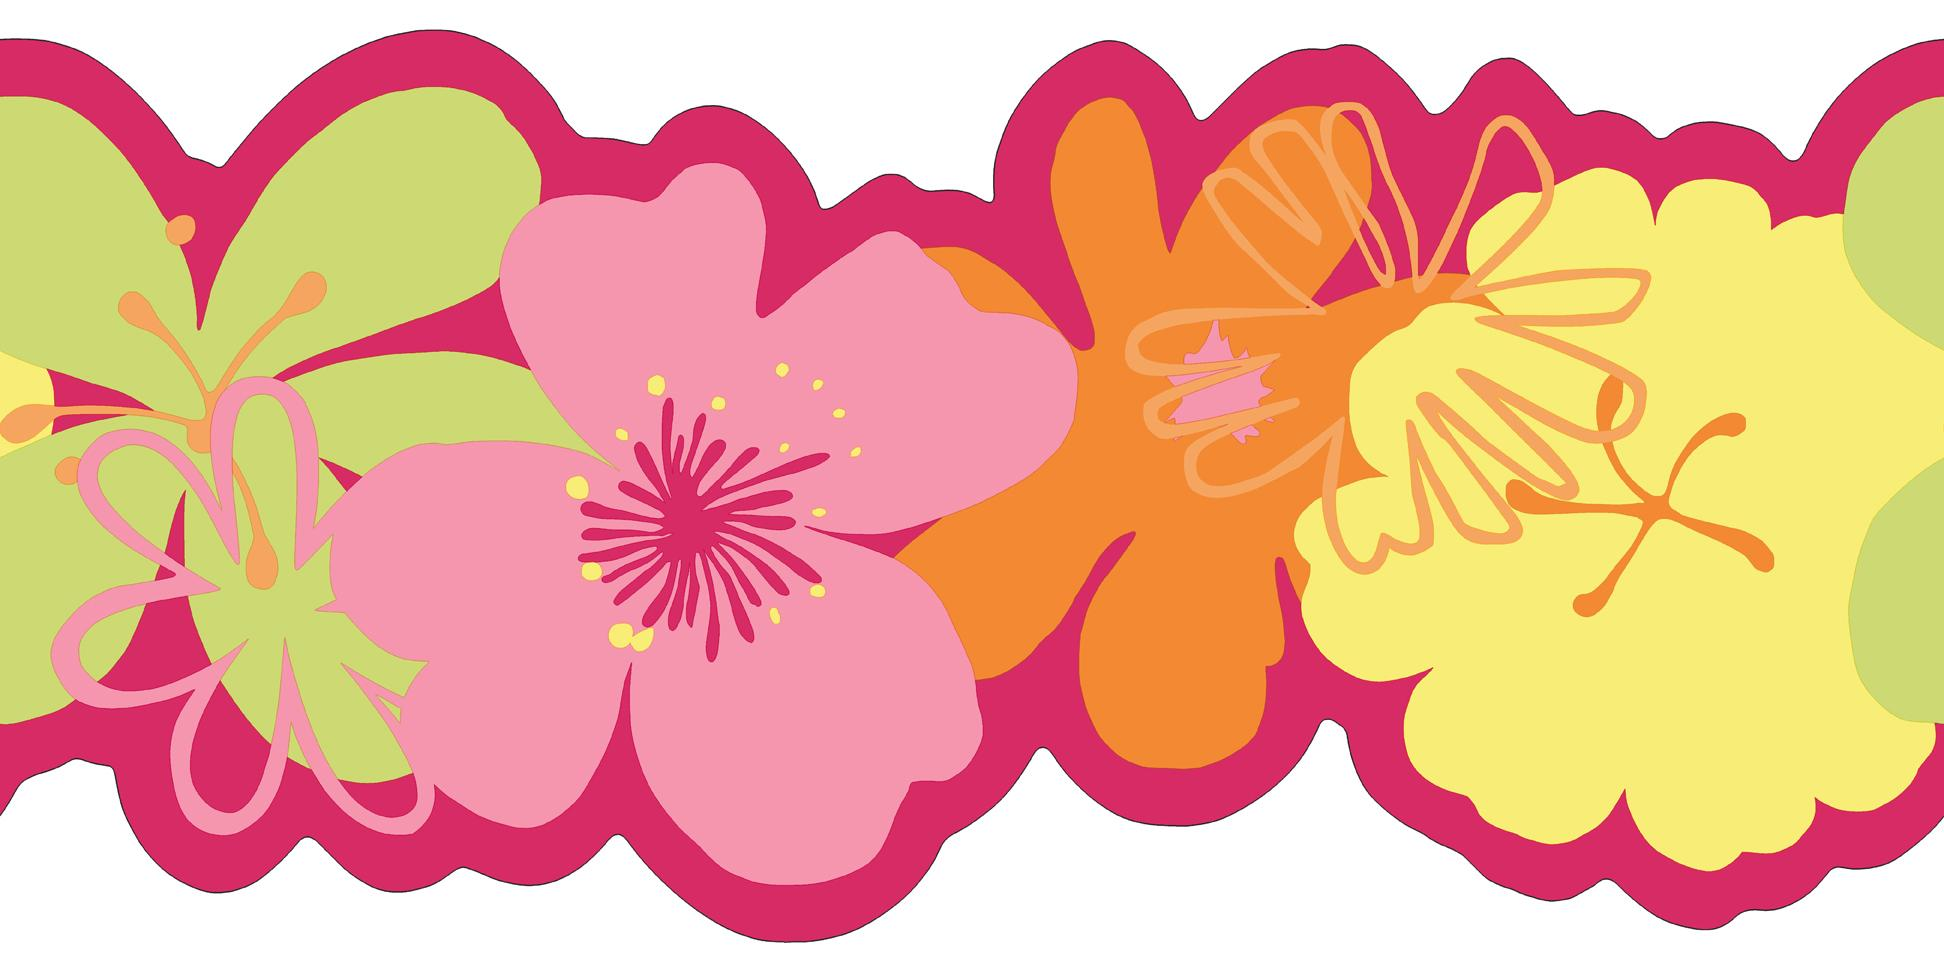 Poppy Wallpaper Home Interior : Poppy Flower Wallpaper Border